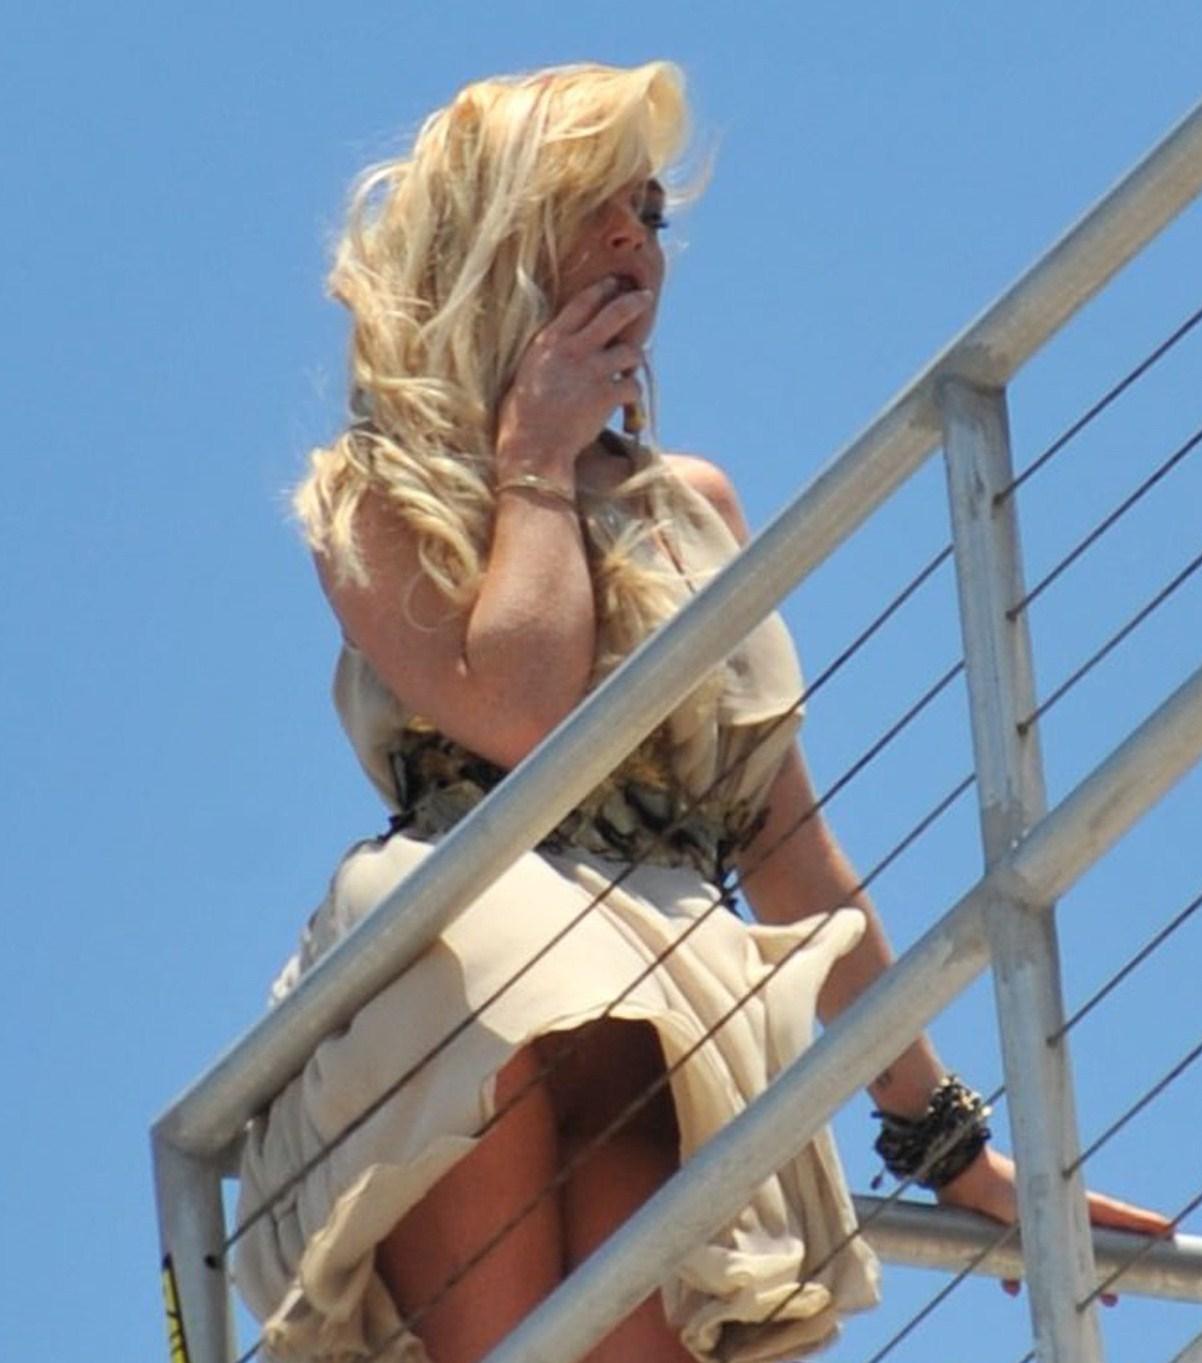 Pics!!! Lindsay Lohan Upskirt Shot &